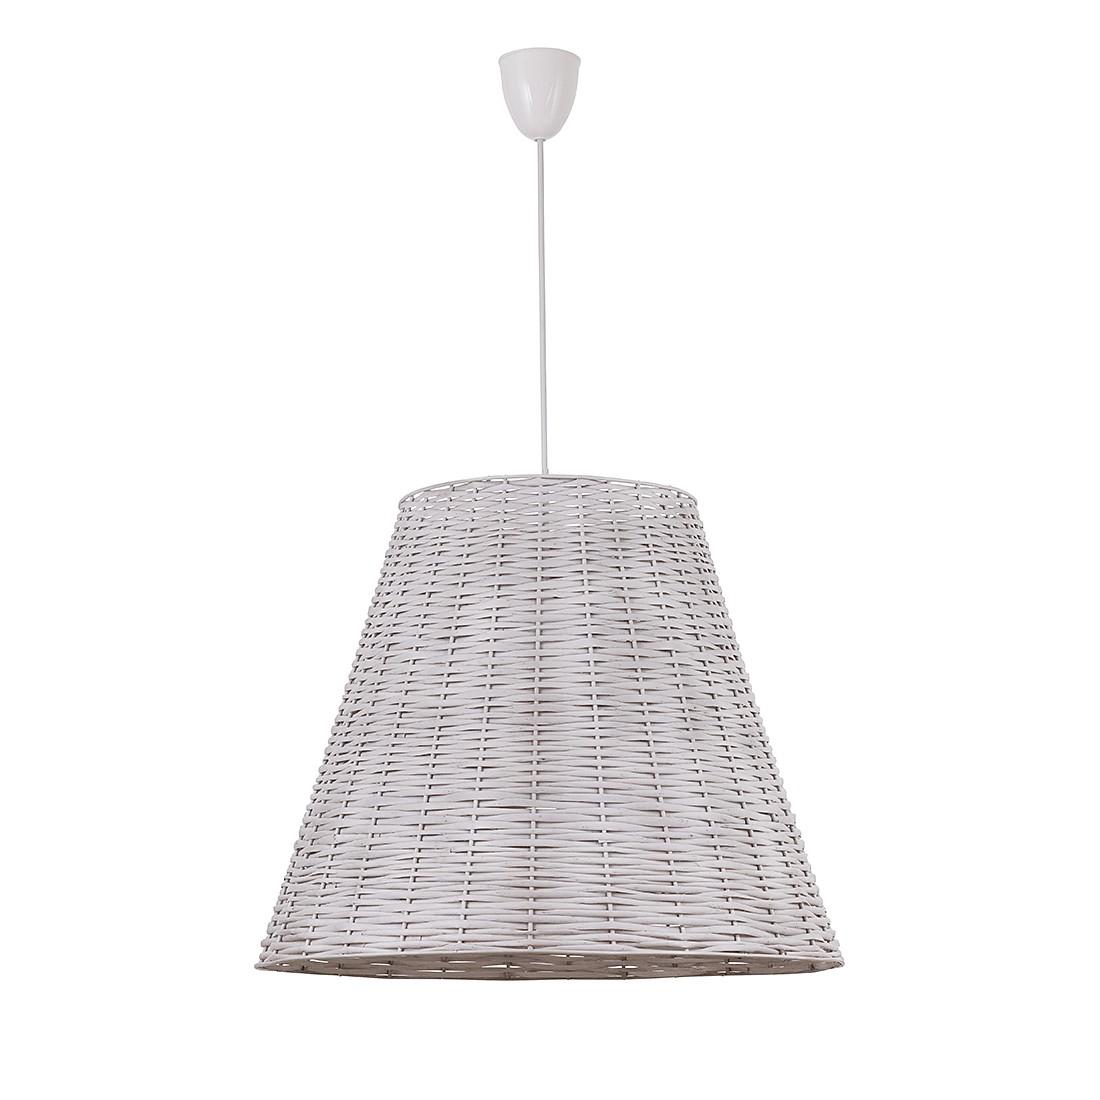 hanglamp minna wit 1 lichtbron jens stolte leuchten energie a hanglamp ...